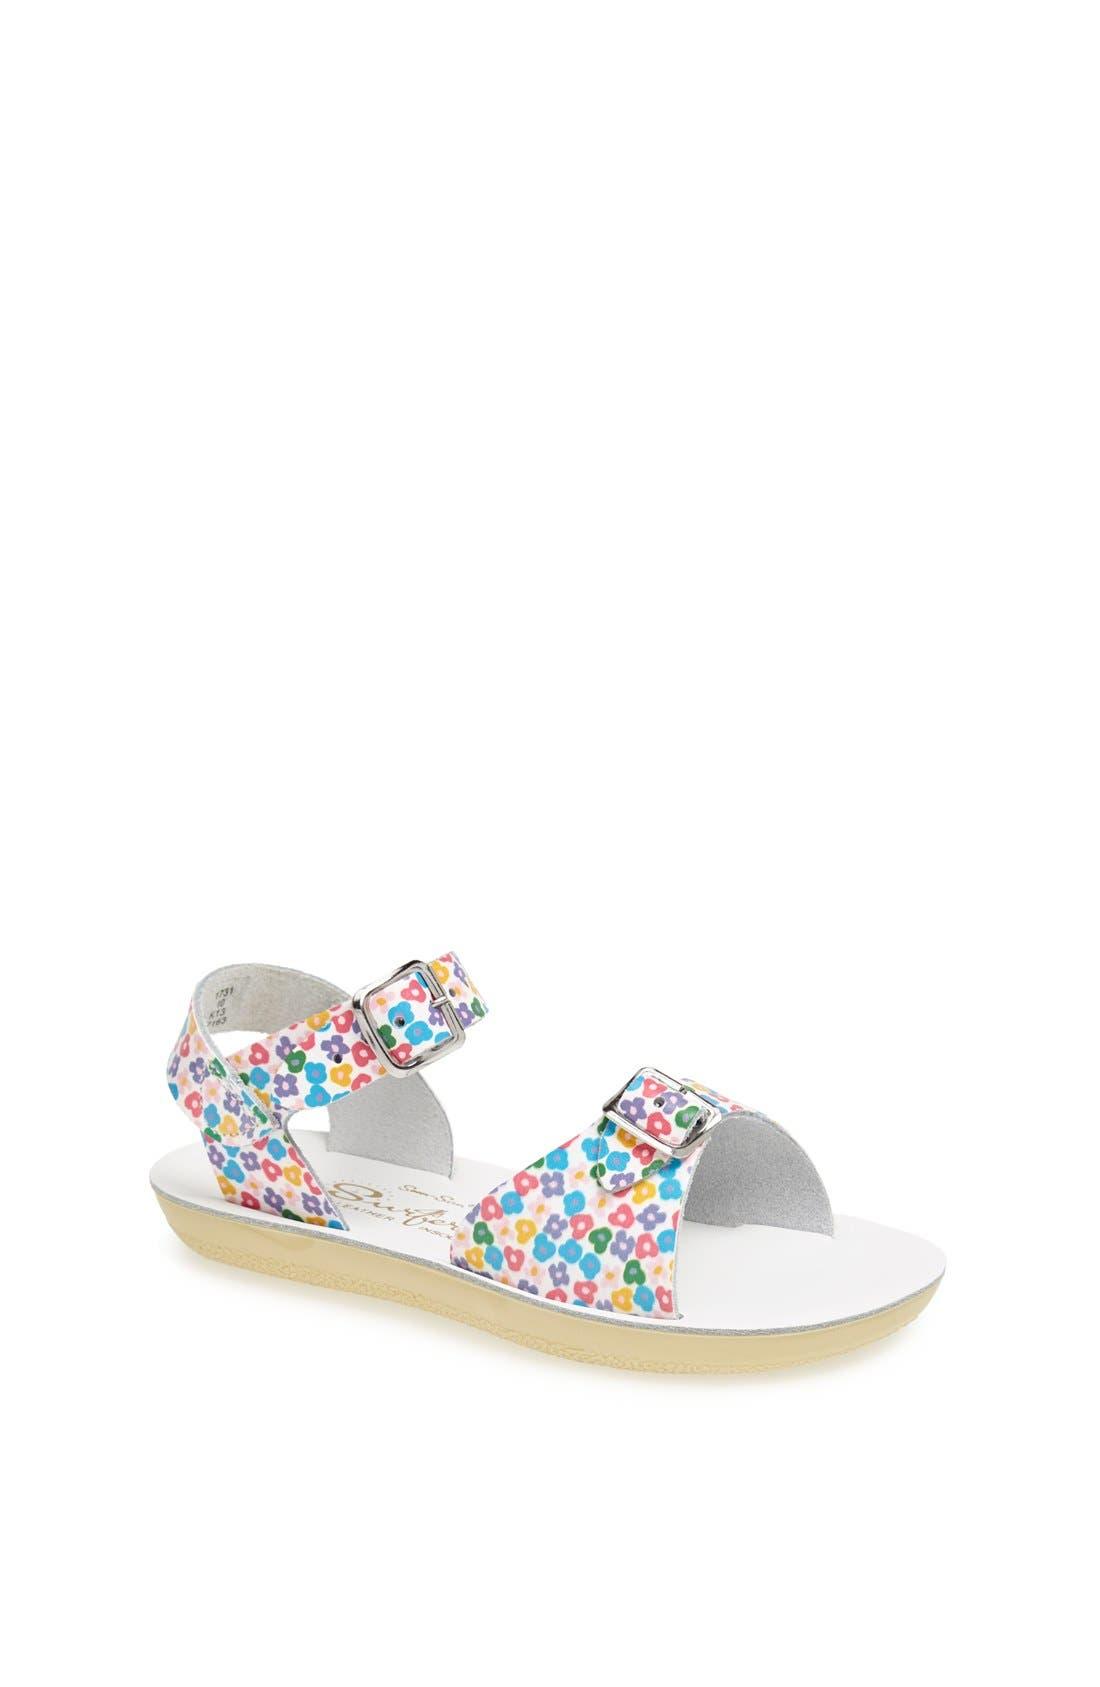 Shoe Company 'Floral Surfer' Sandal,                             Main thumbnail 1, color,                             100